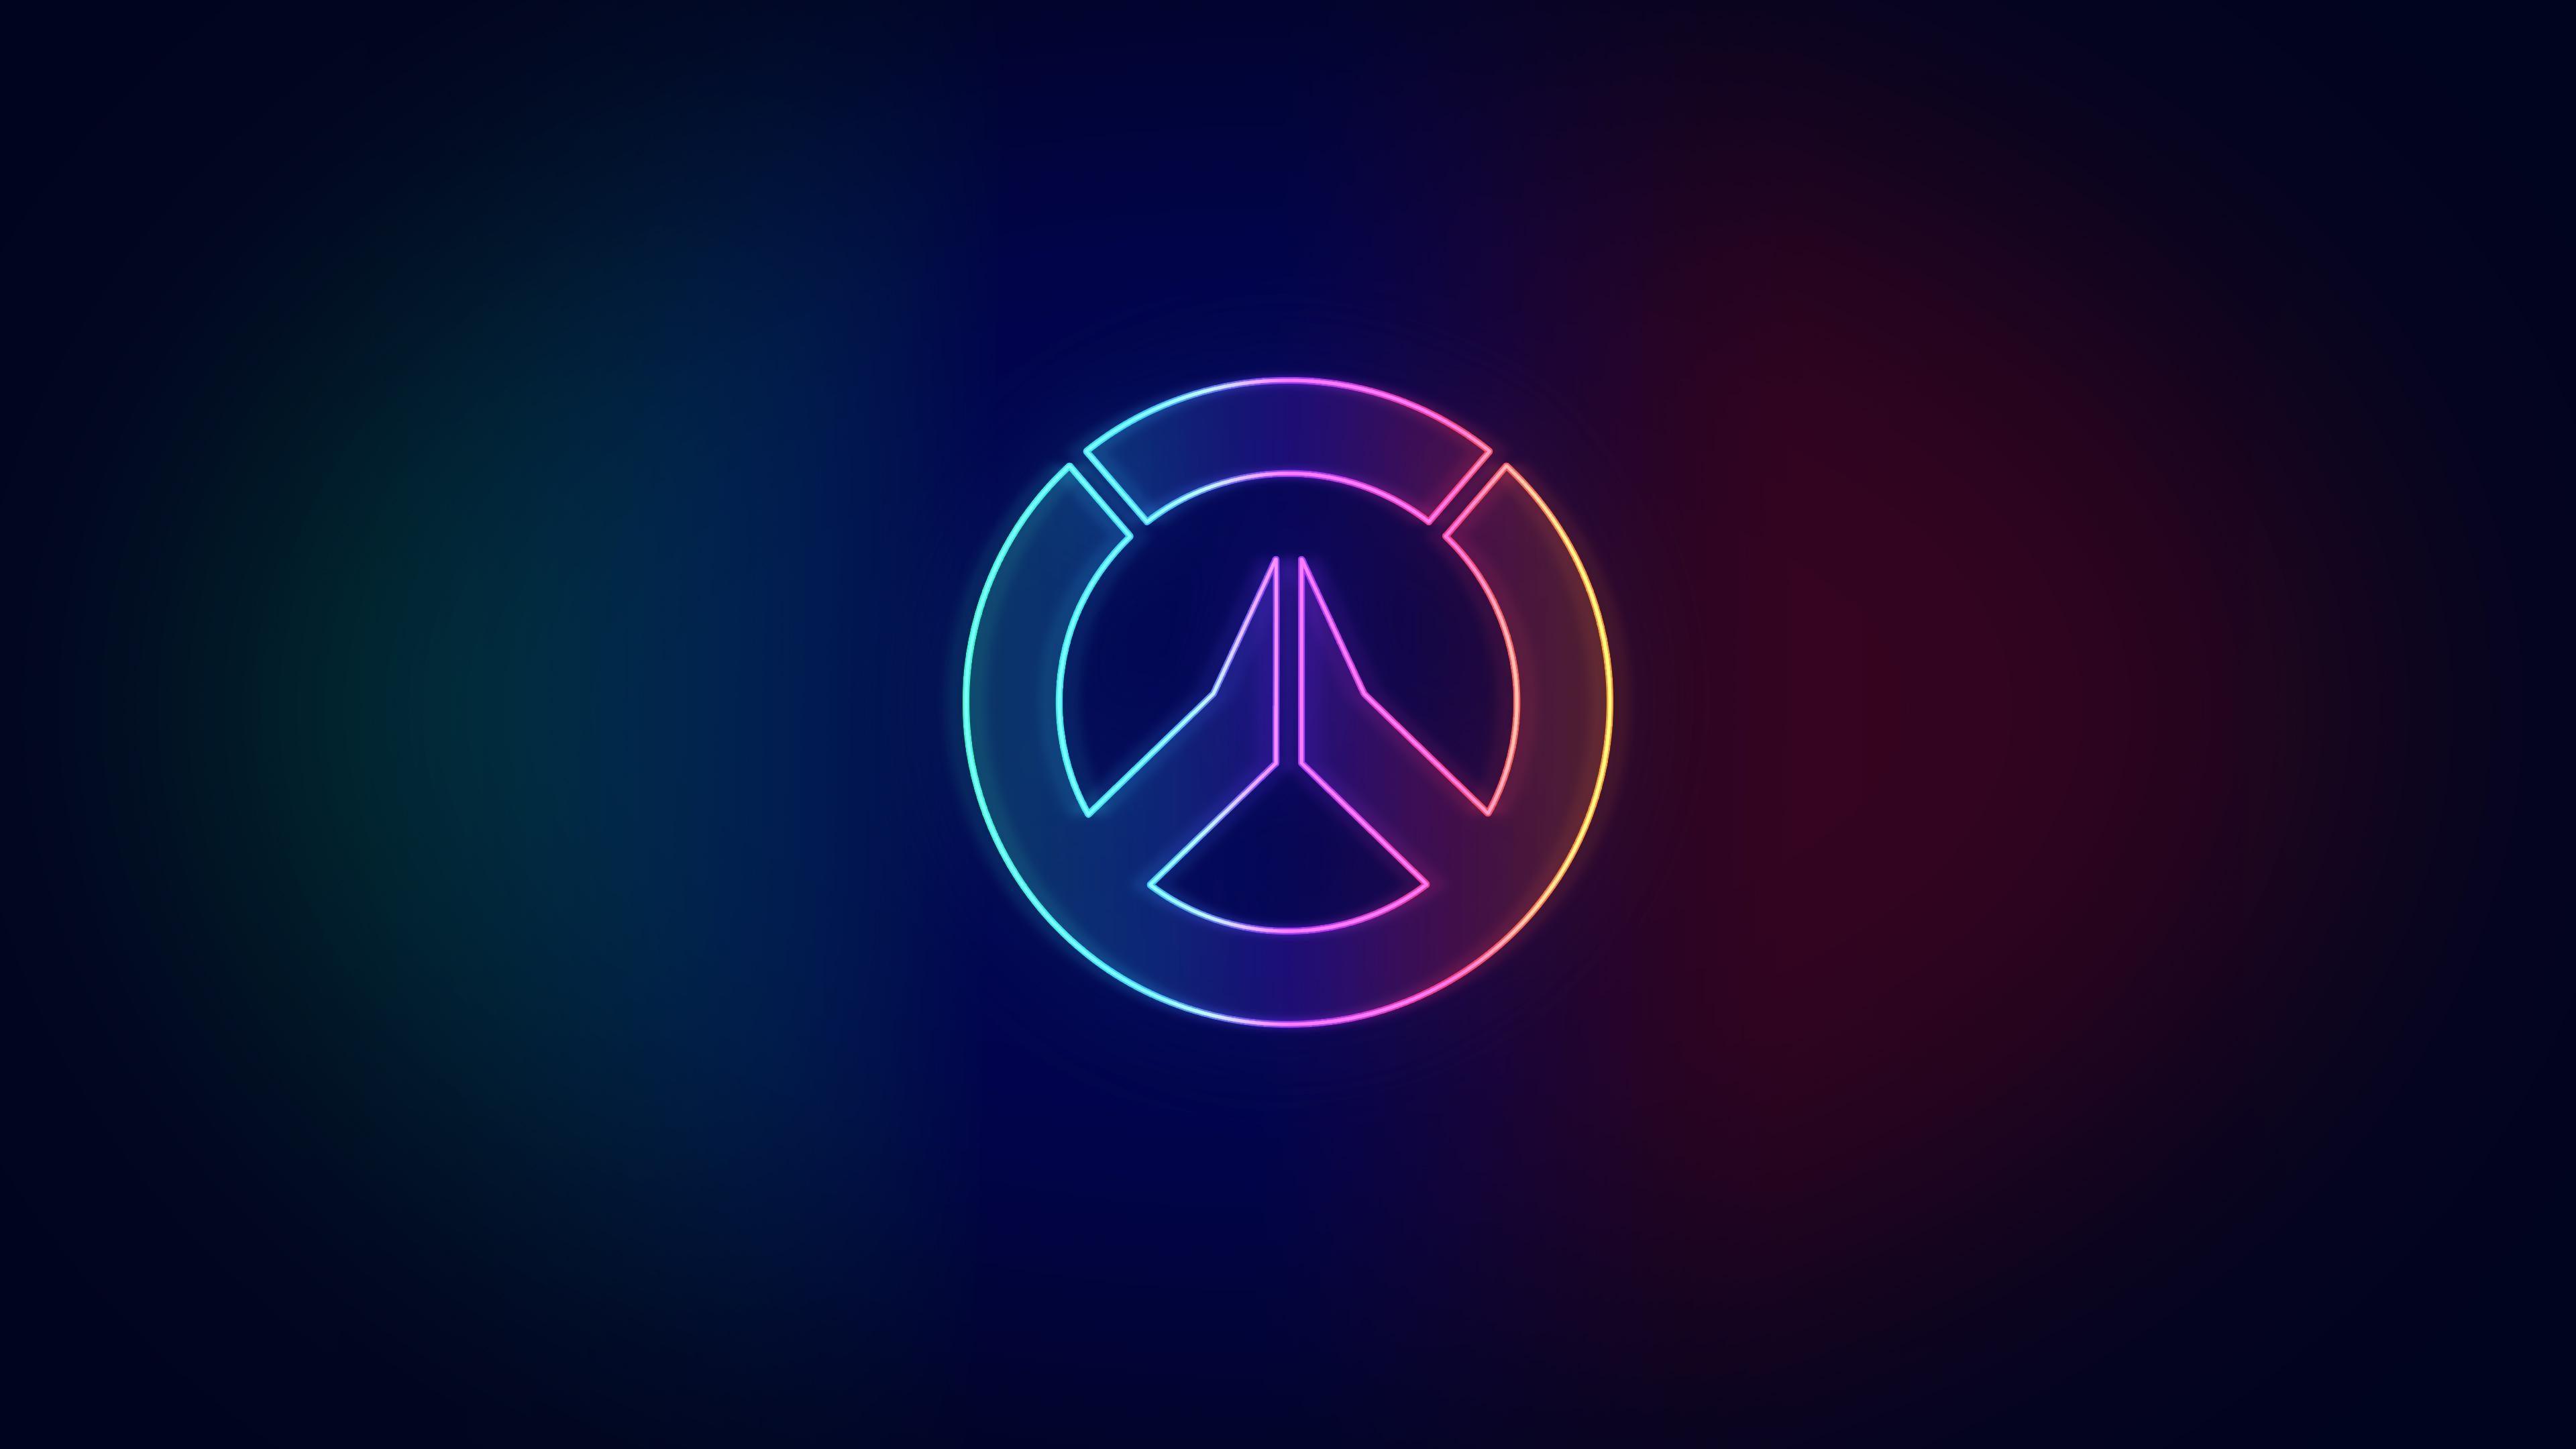 neon overwatch logo wallpaper 73660